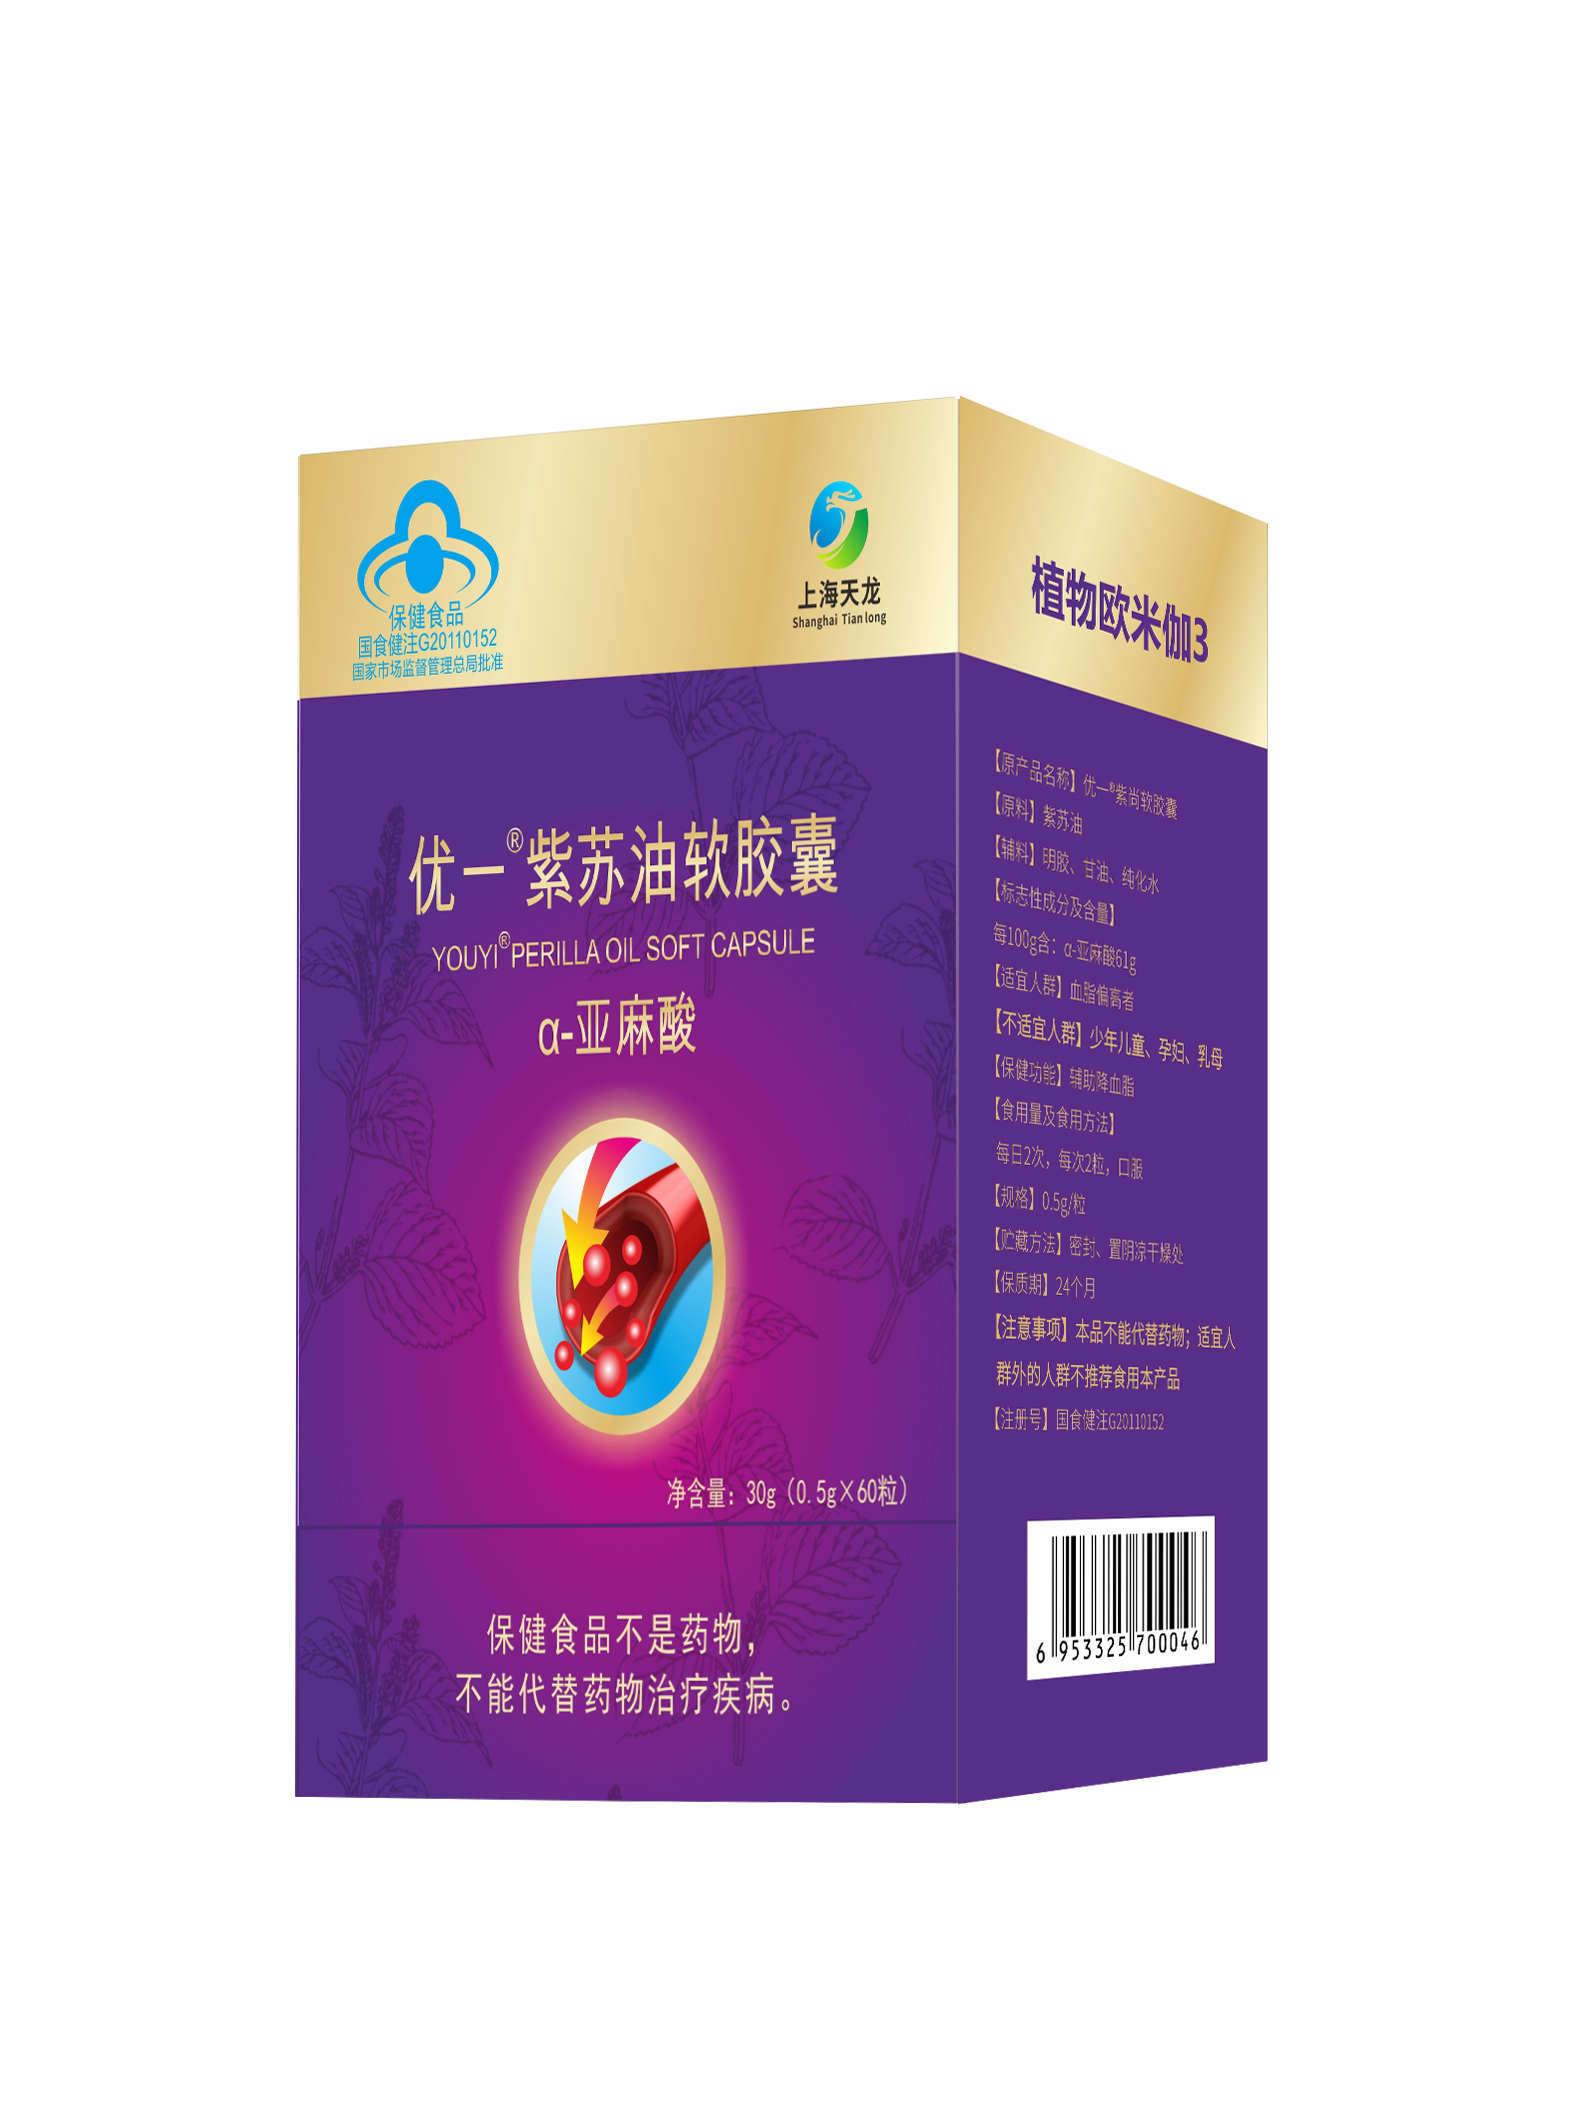 优一®紫苏油(紫尚)软胶囊-辅助降血脂 单瓶装